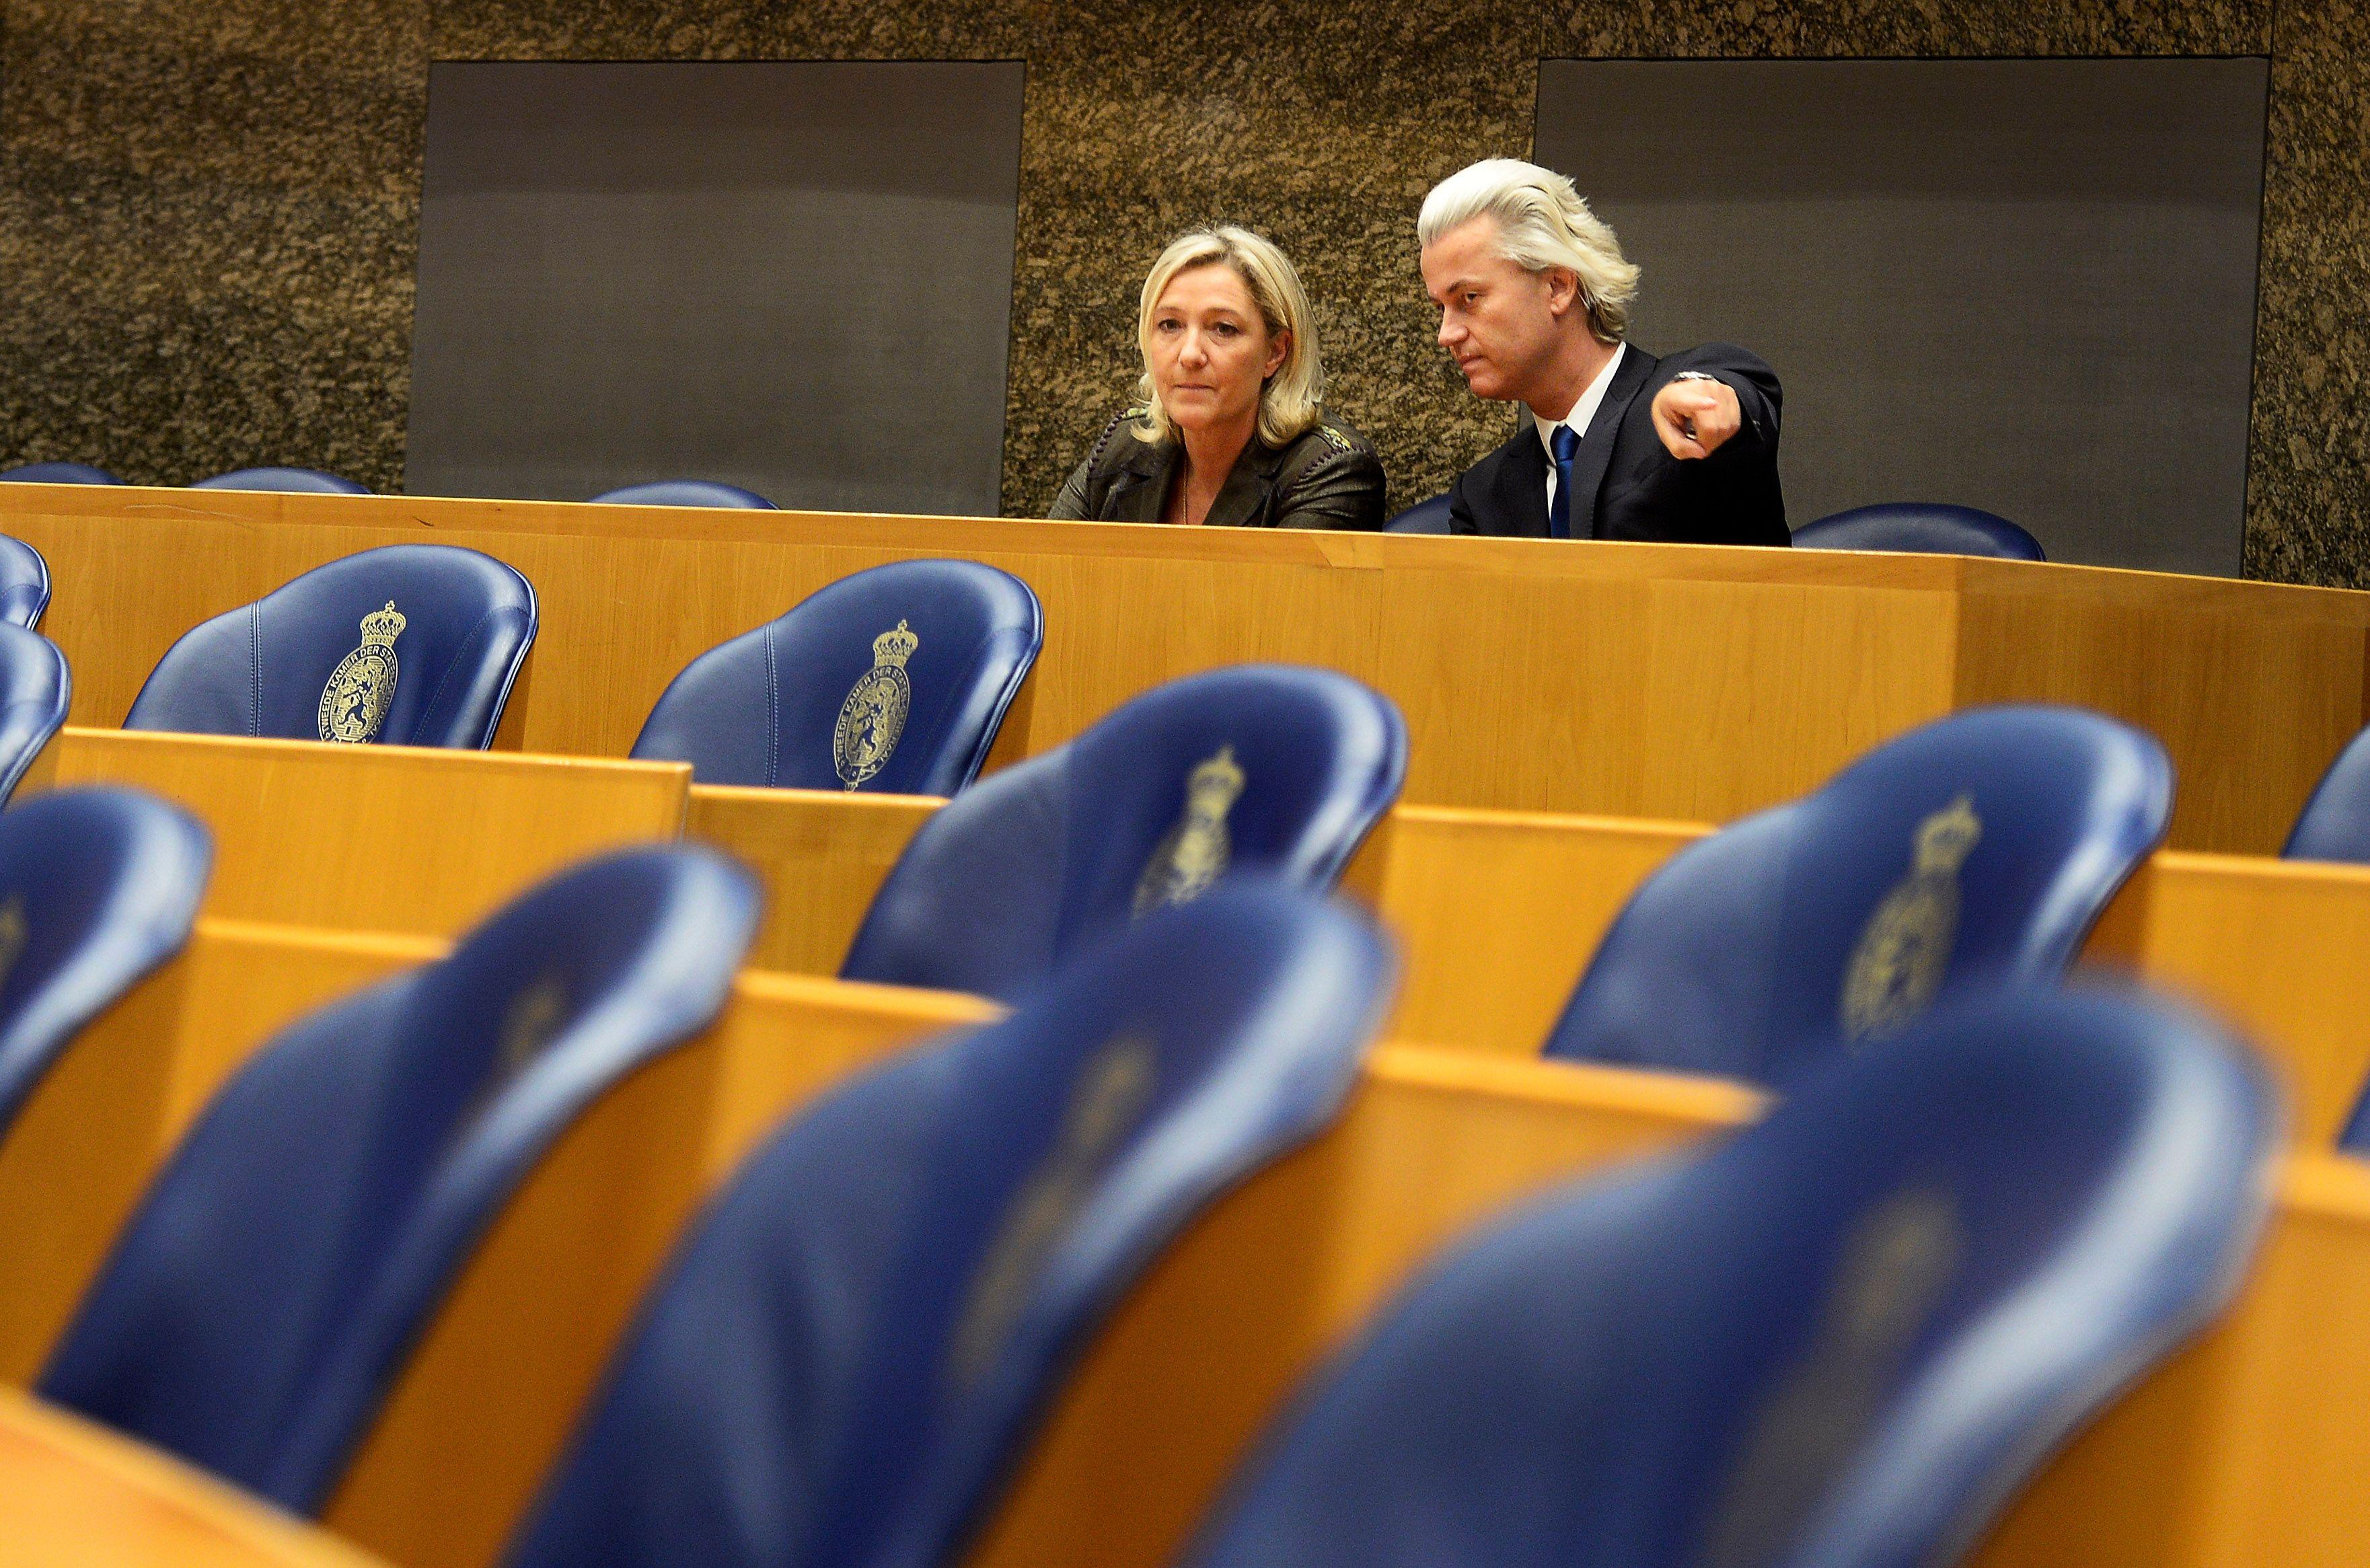 Marine Le Pen et Geert Wilders, fondateur du PVV.